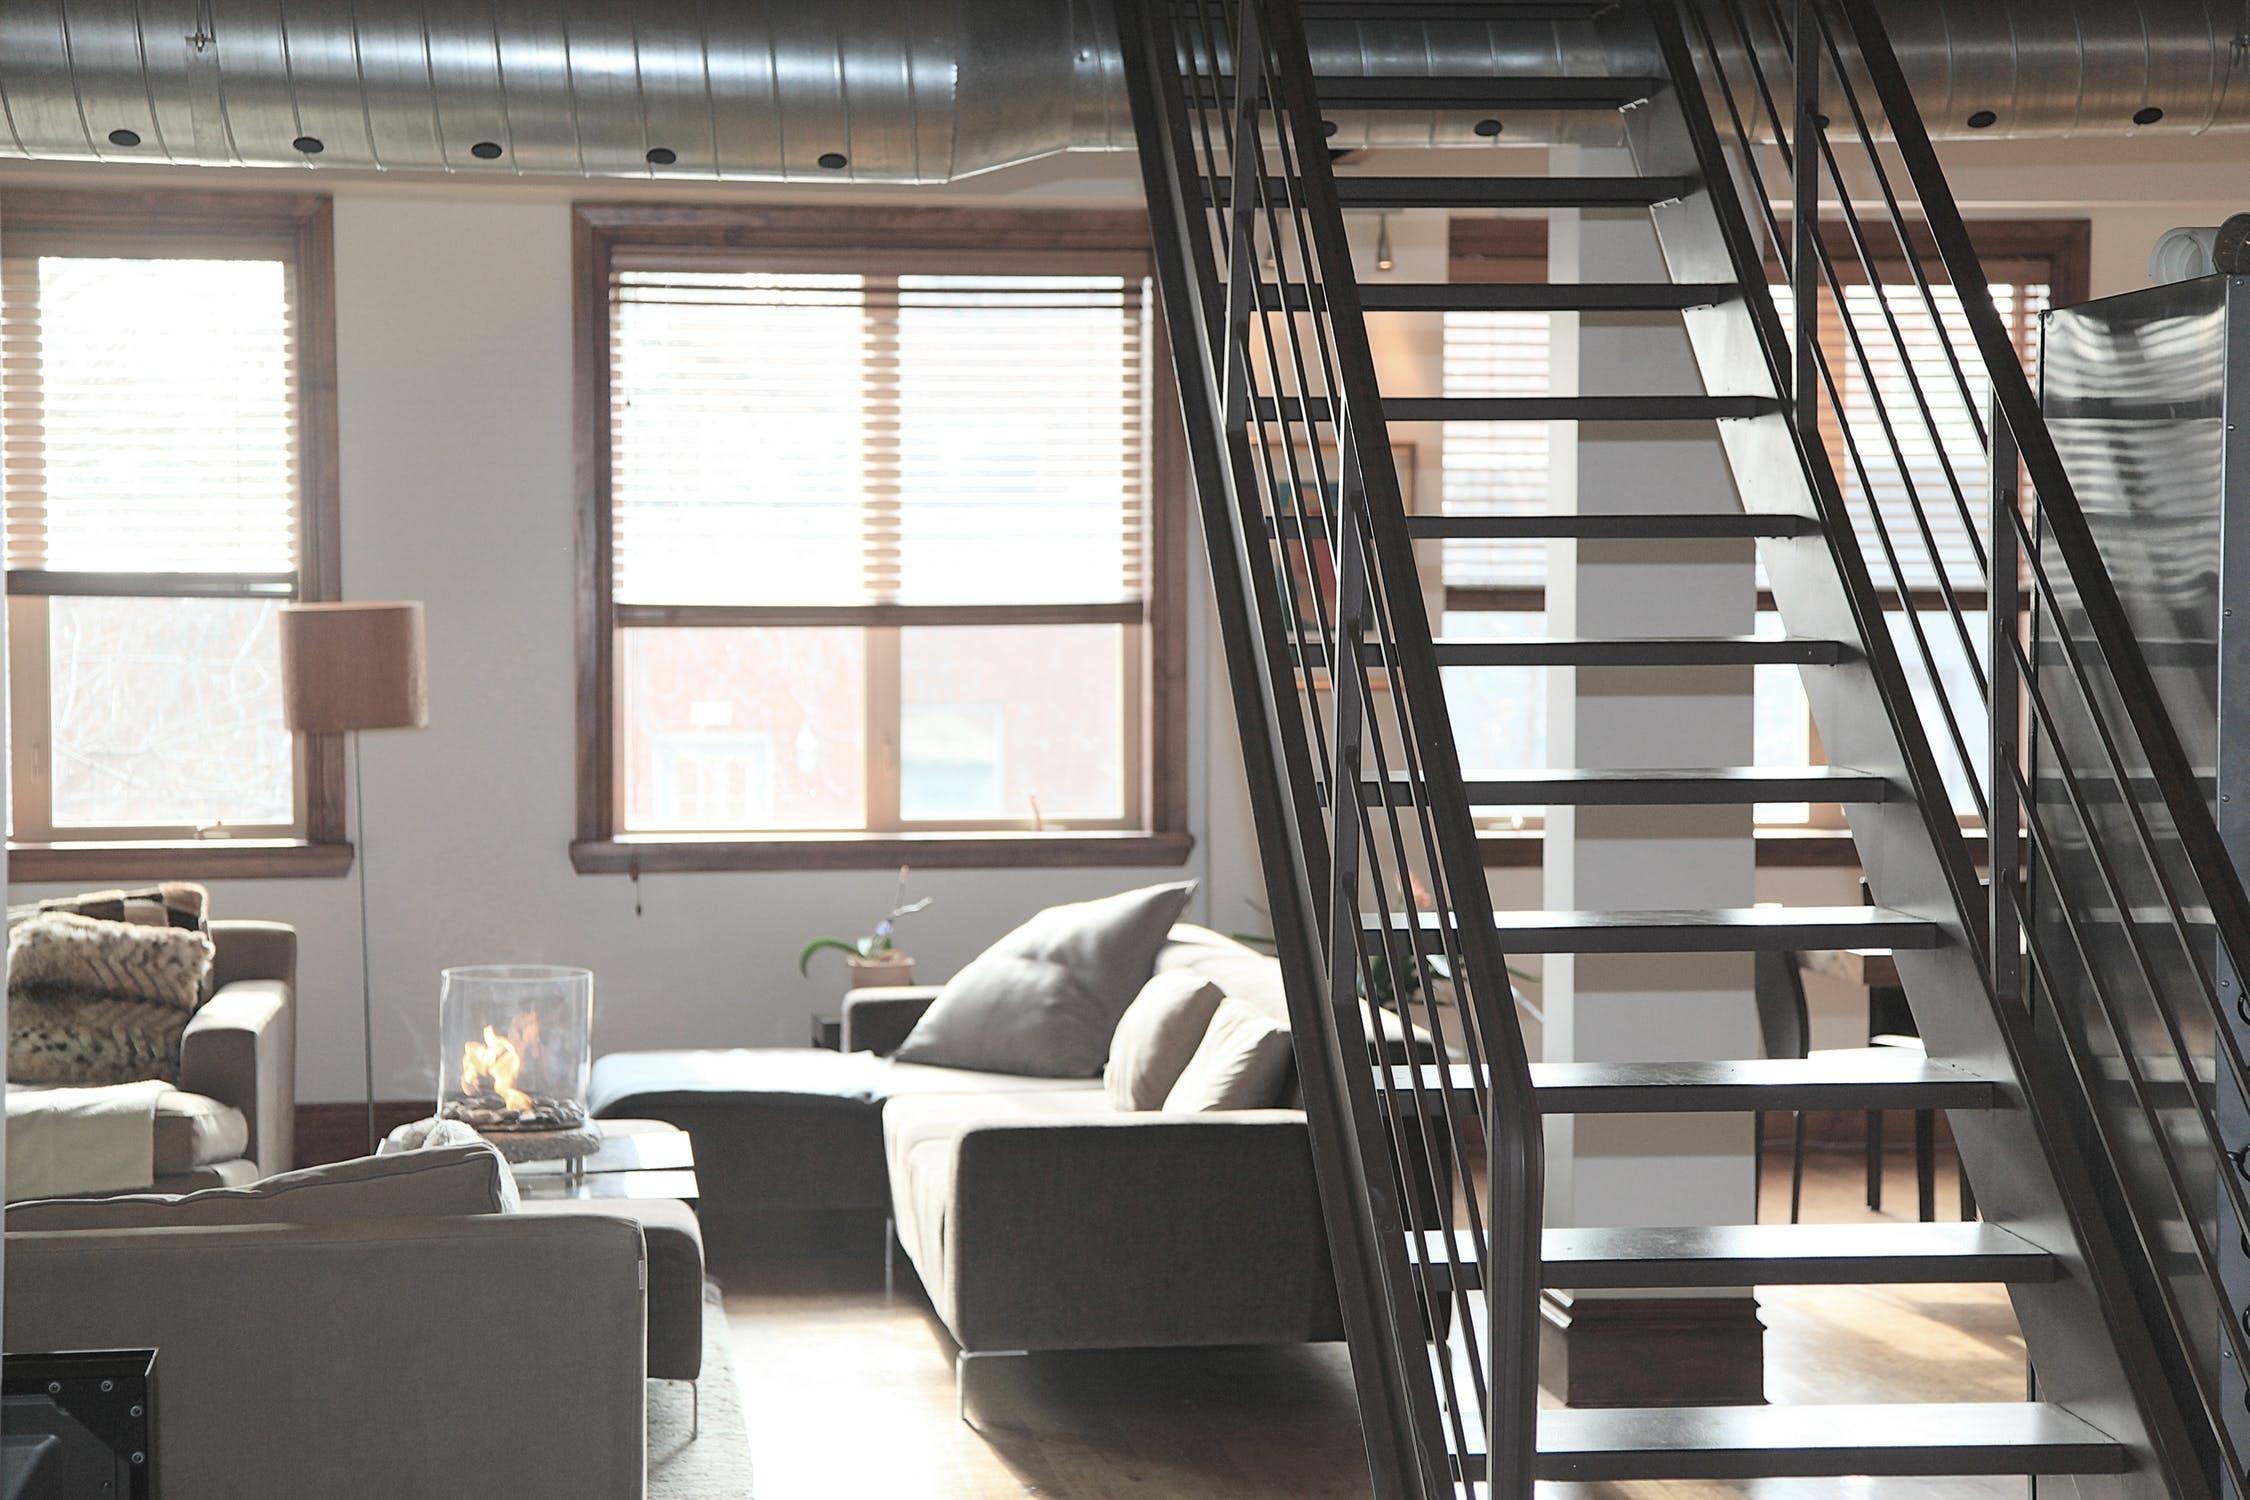 Jakie mieszkania można kupić w ukończonych inwestycjach